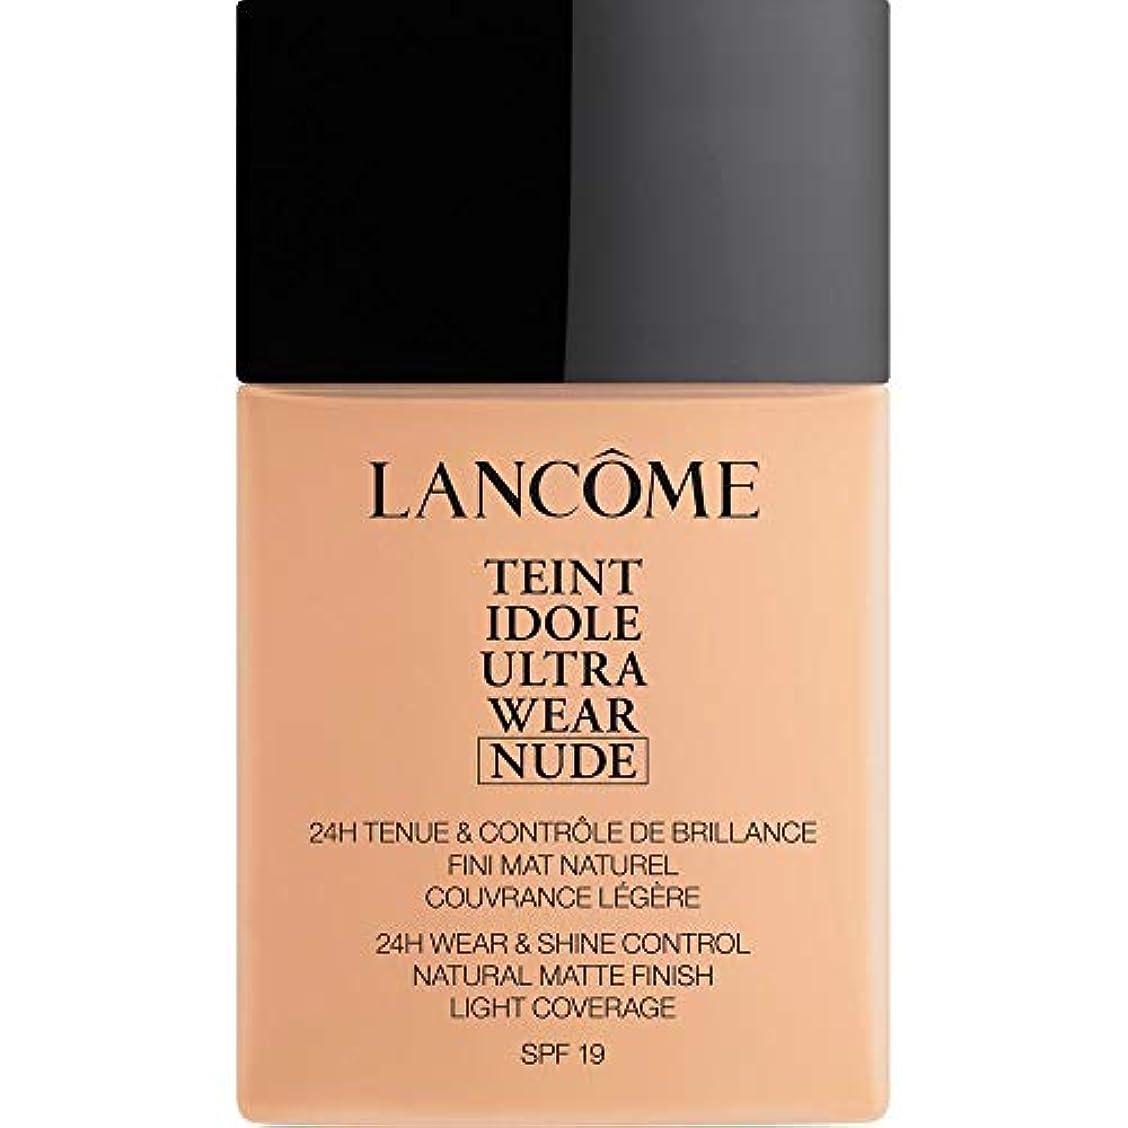 サミット稼ぐプレビスサイト[Lanc?me ] ランコムTeintのIdole超摩耗ヌード財団Spf19の40ミリリットル023 - ベージュオロール - Lancome Teint Idole Ultra Wear Nude Foundation...